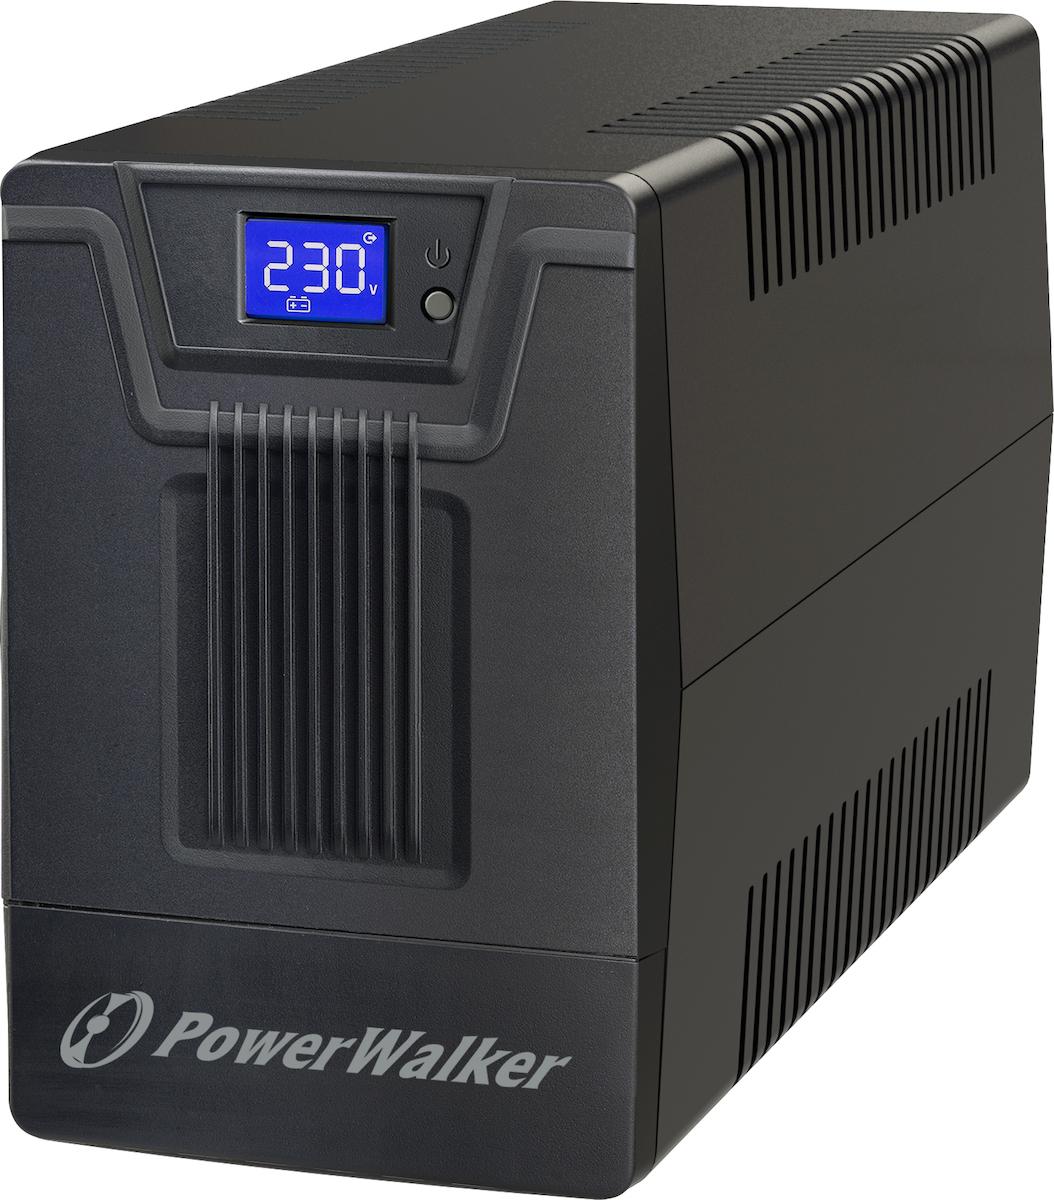 Powerwalker VI 1500 SCL - Skroutz.gr